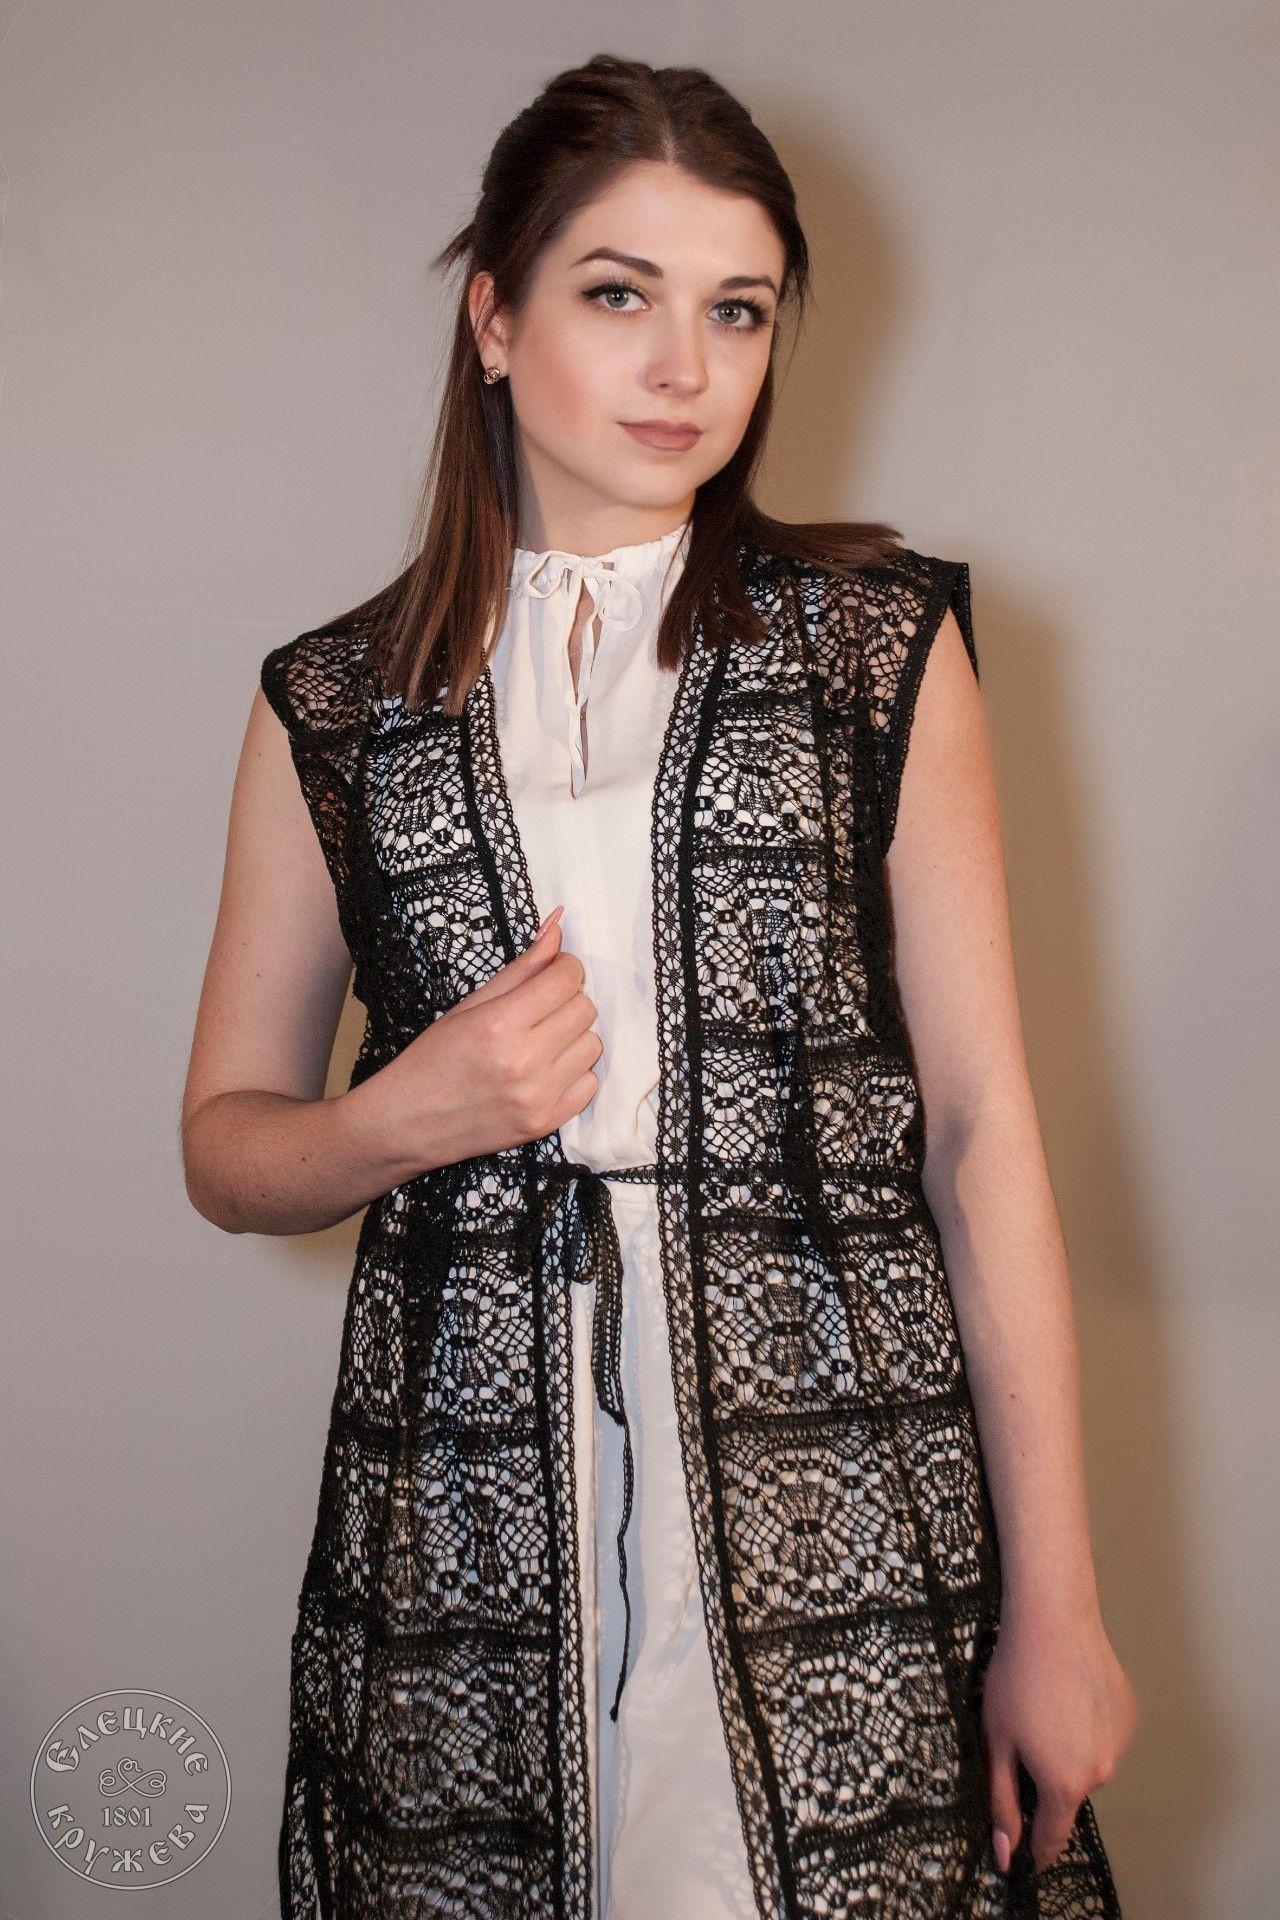 Yelets lace / Women's lace vest С456АУ